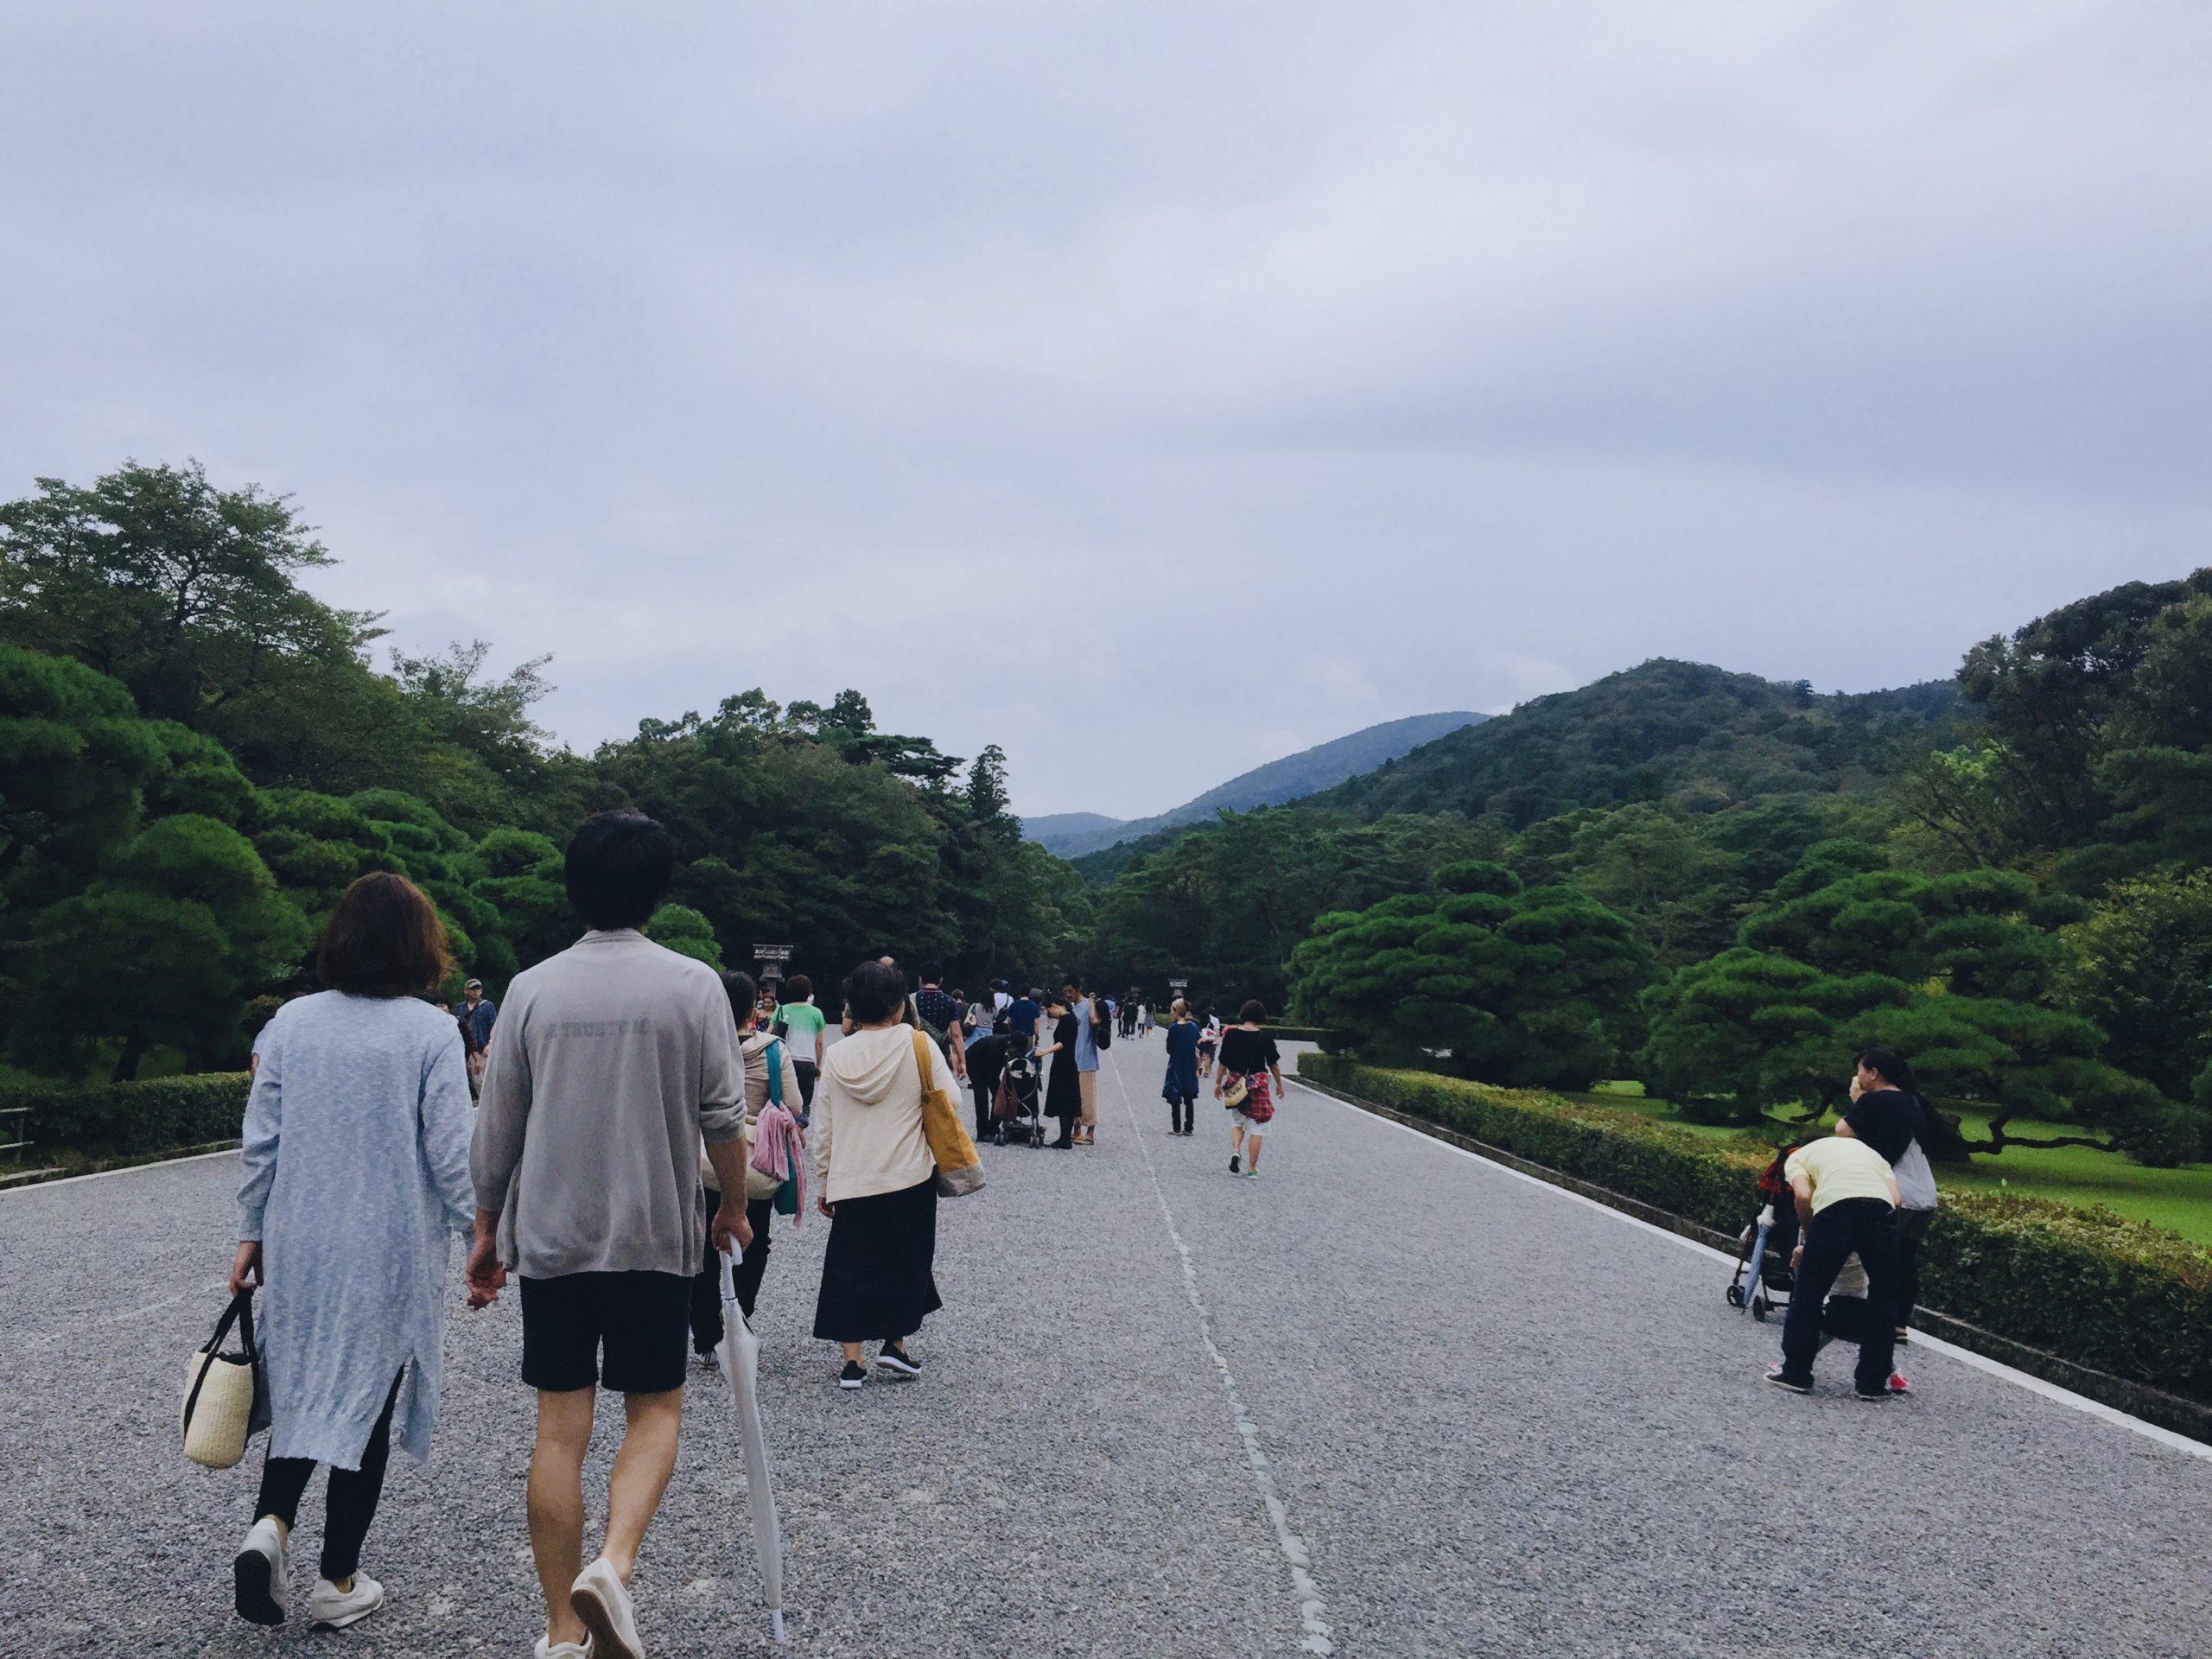 伊勢神宮の見どころ・歩きやすい靴が必須